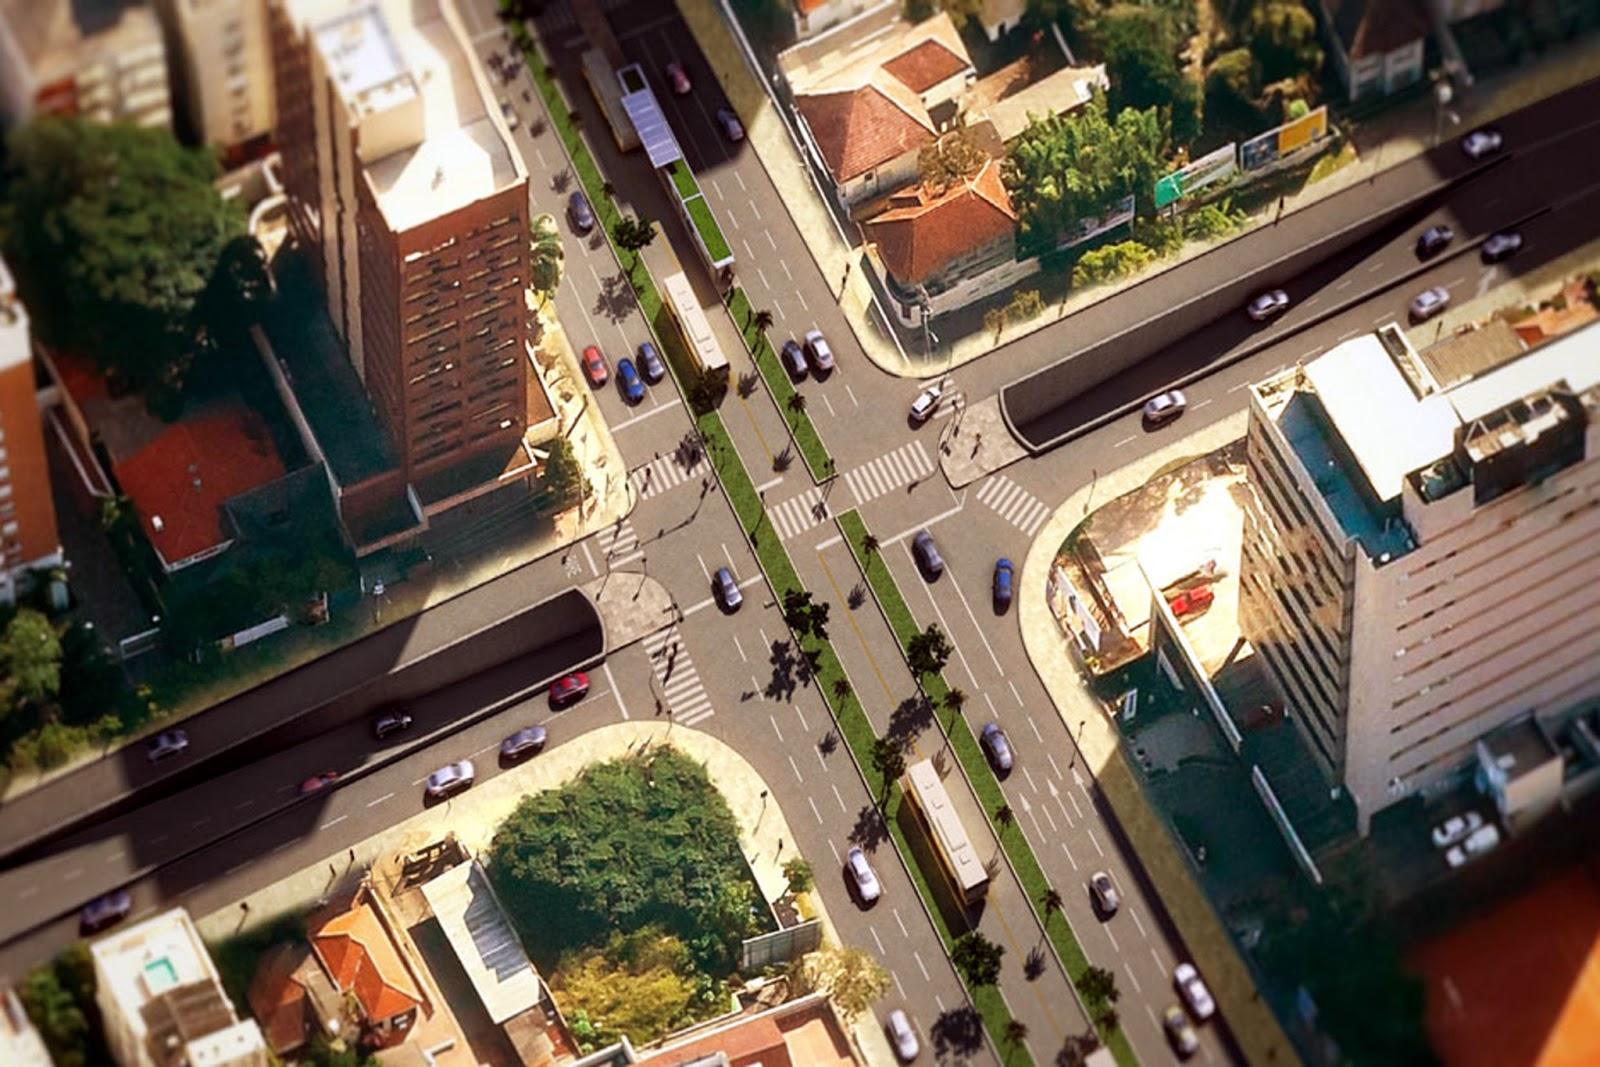 """Trincheira da Anita: imagem divulgada usa """"trânsito de domingo"""" como exemplo e, não surpreendentemente, não mostra pedestres."""